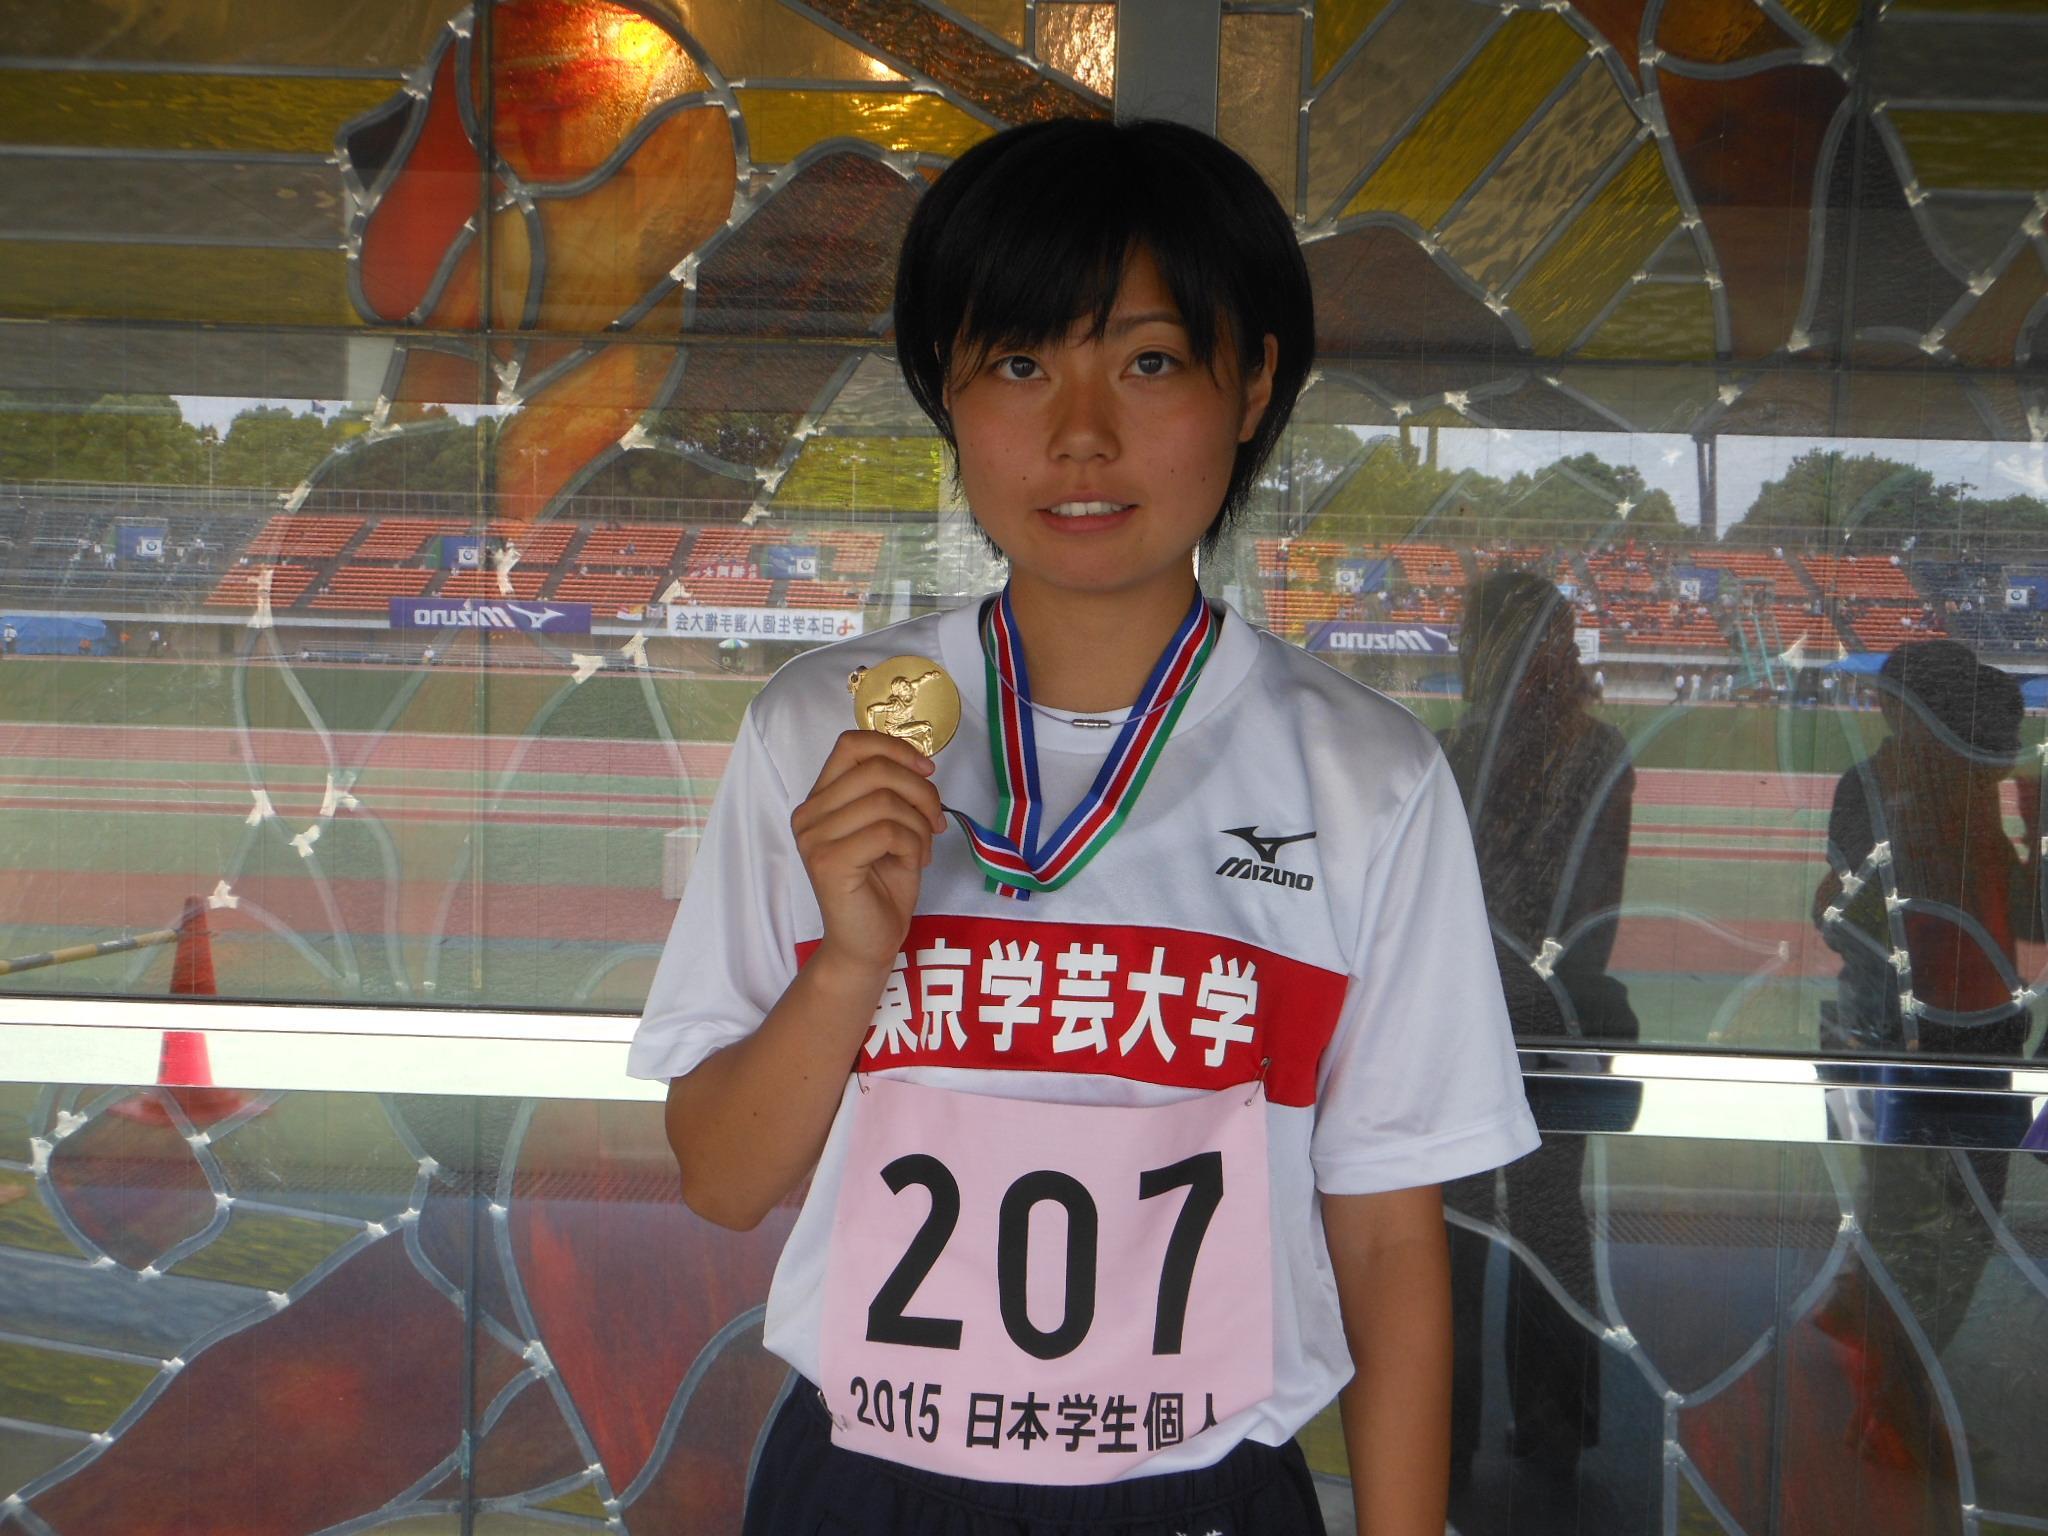 """日本学生陸上競技連合 on Twitter: """"【学生個人】 女子 800m決勝 優勝 卜部 蘭(東京学芸大) 記録 2:08.99 (コメント) 予選から集中して自分の走りをすることができた。仲間からの応援を力にかえることができた。日本選手権では自己"""